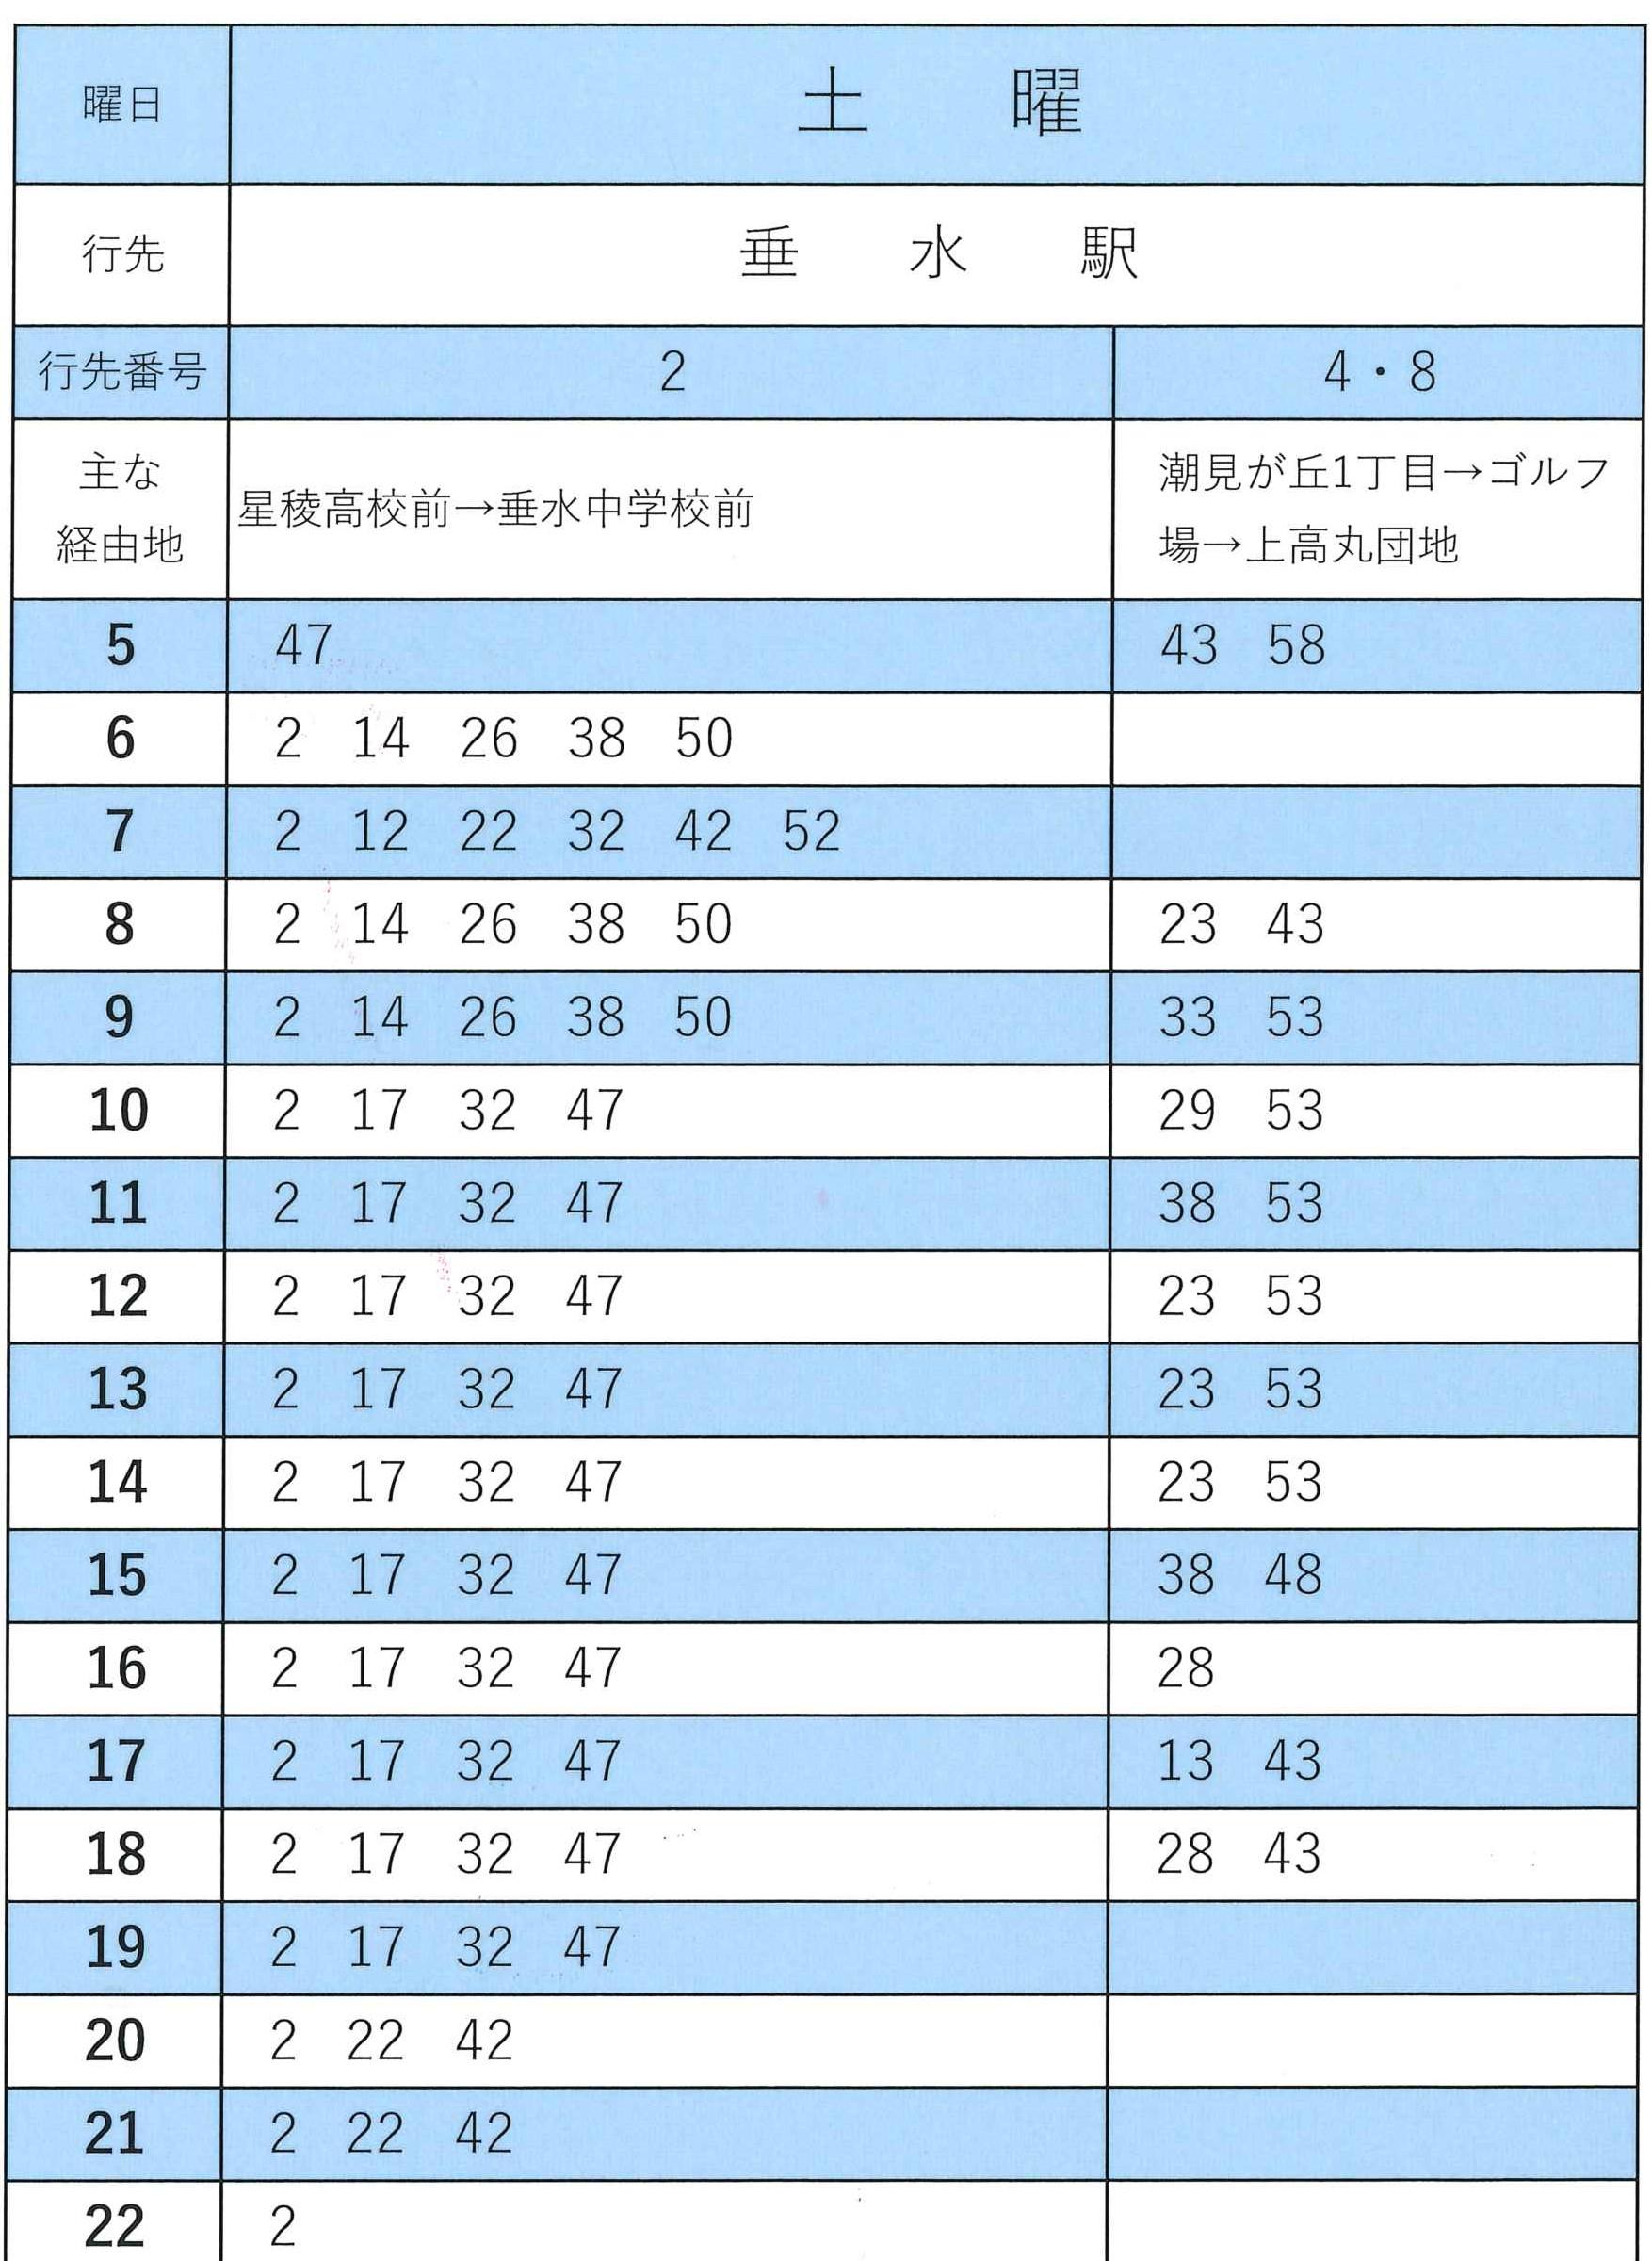 舞子墓園前(垂水駅方面)土曜の時刻表